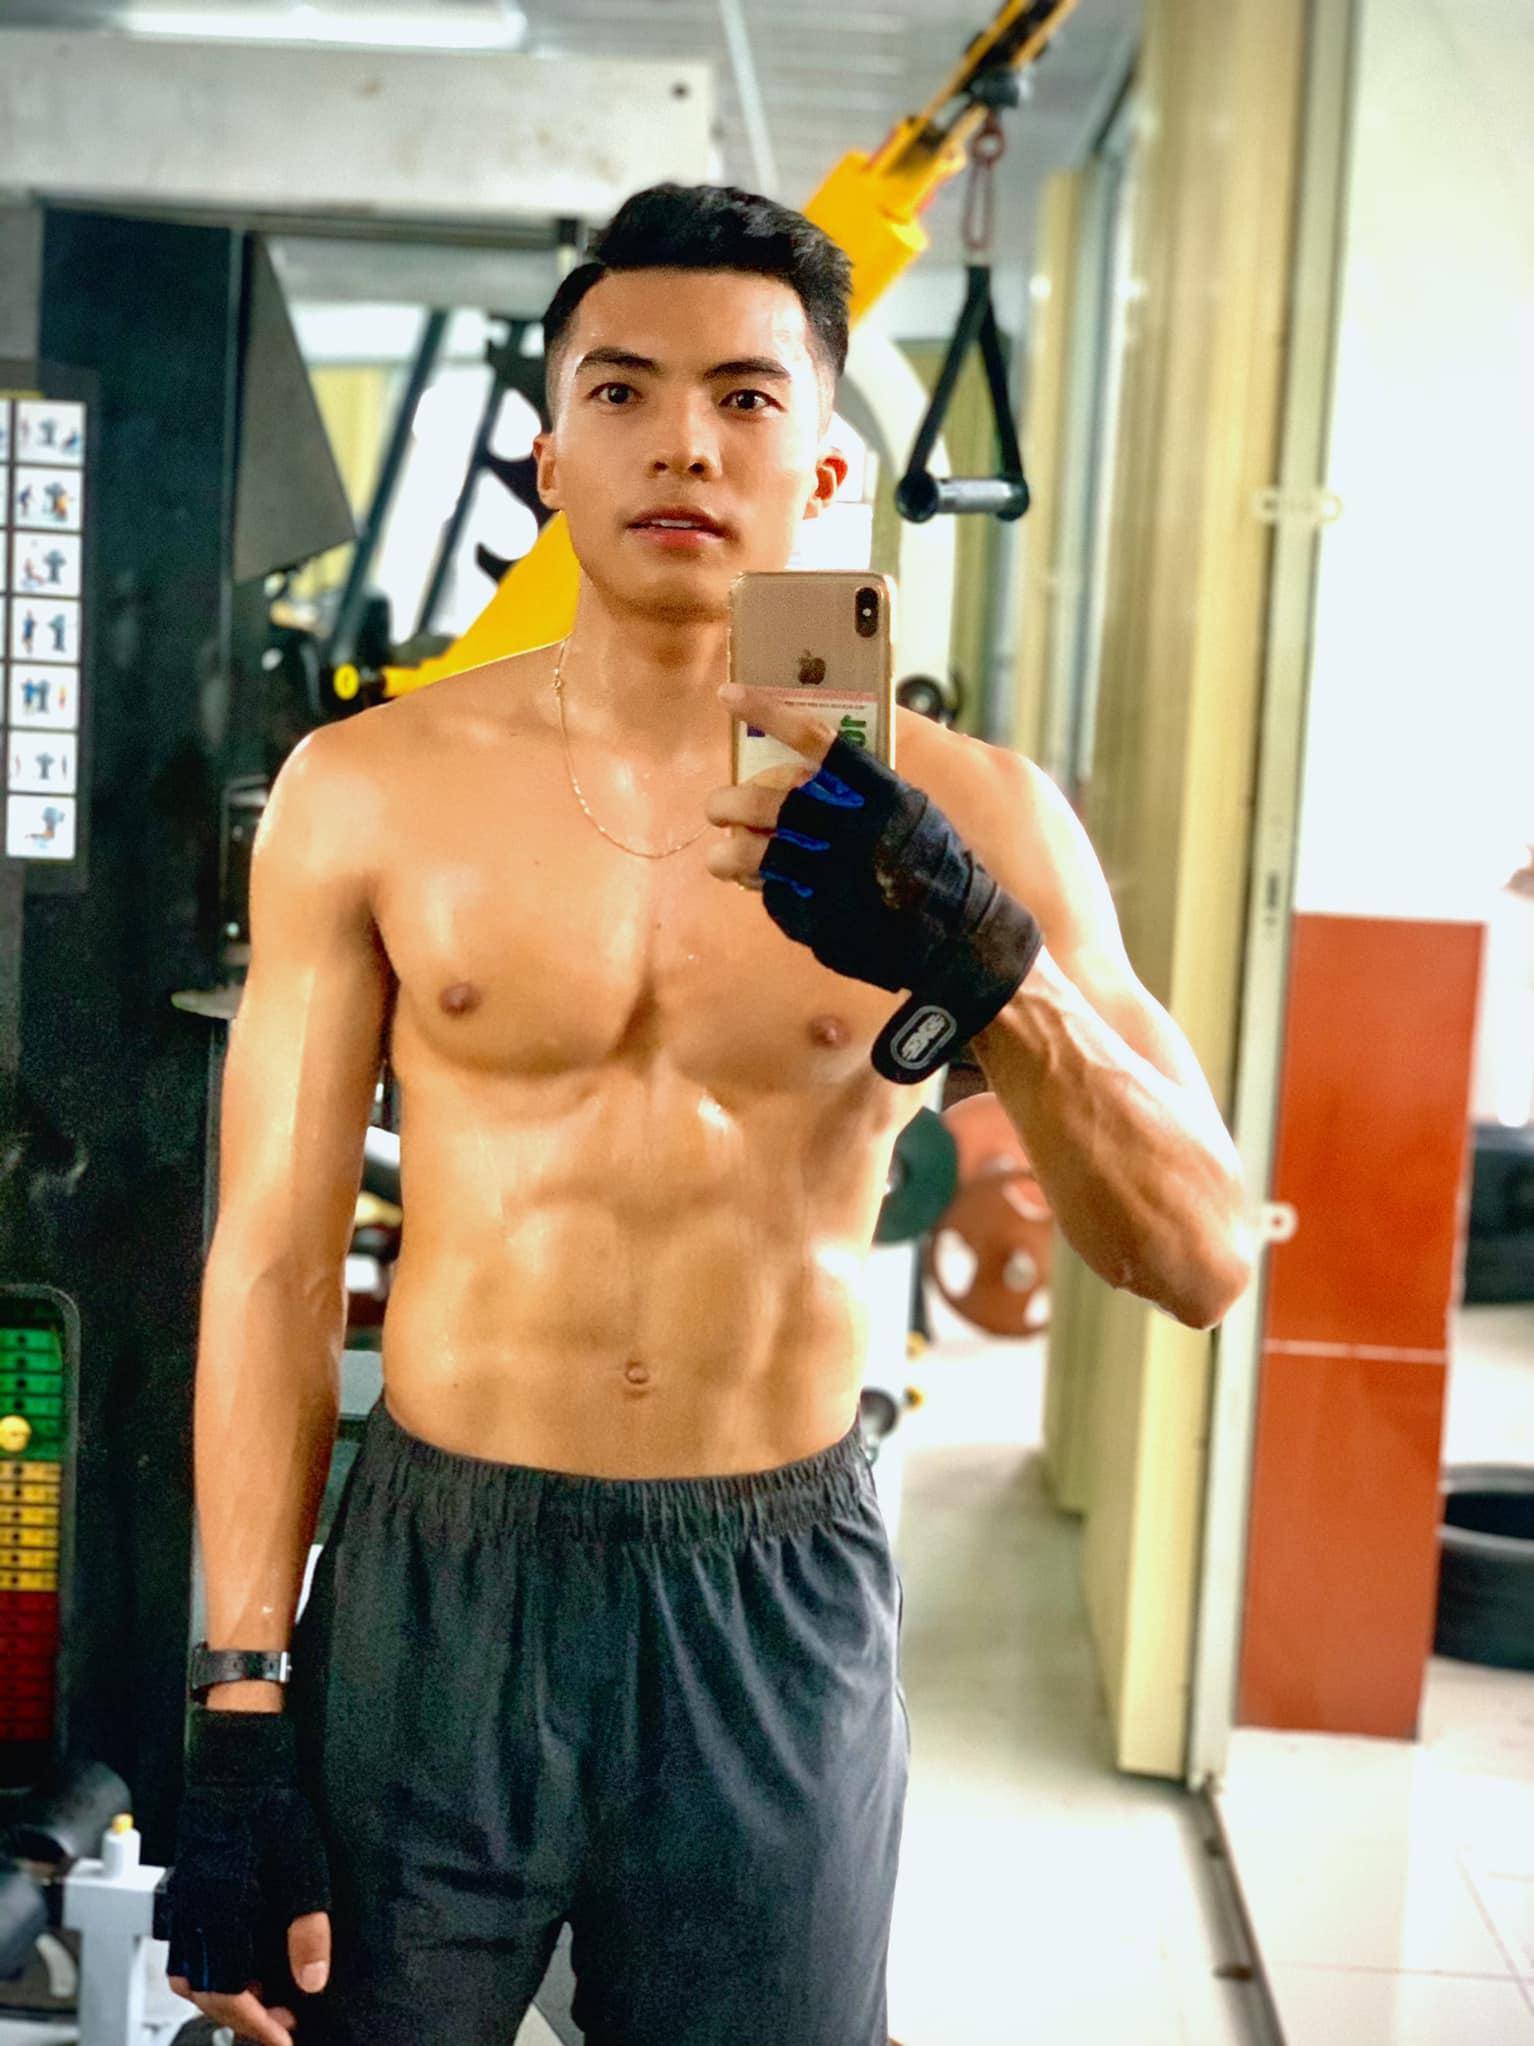 Đào Tuấn Vũ, VĐV điền kinh 6 múi LGBT (Cần Thơ)